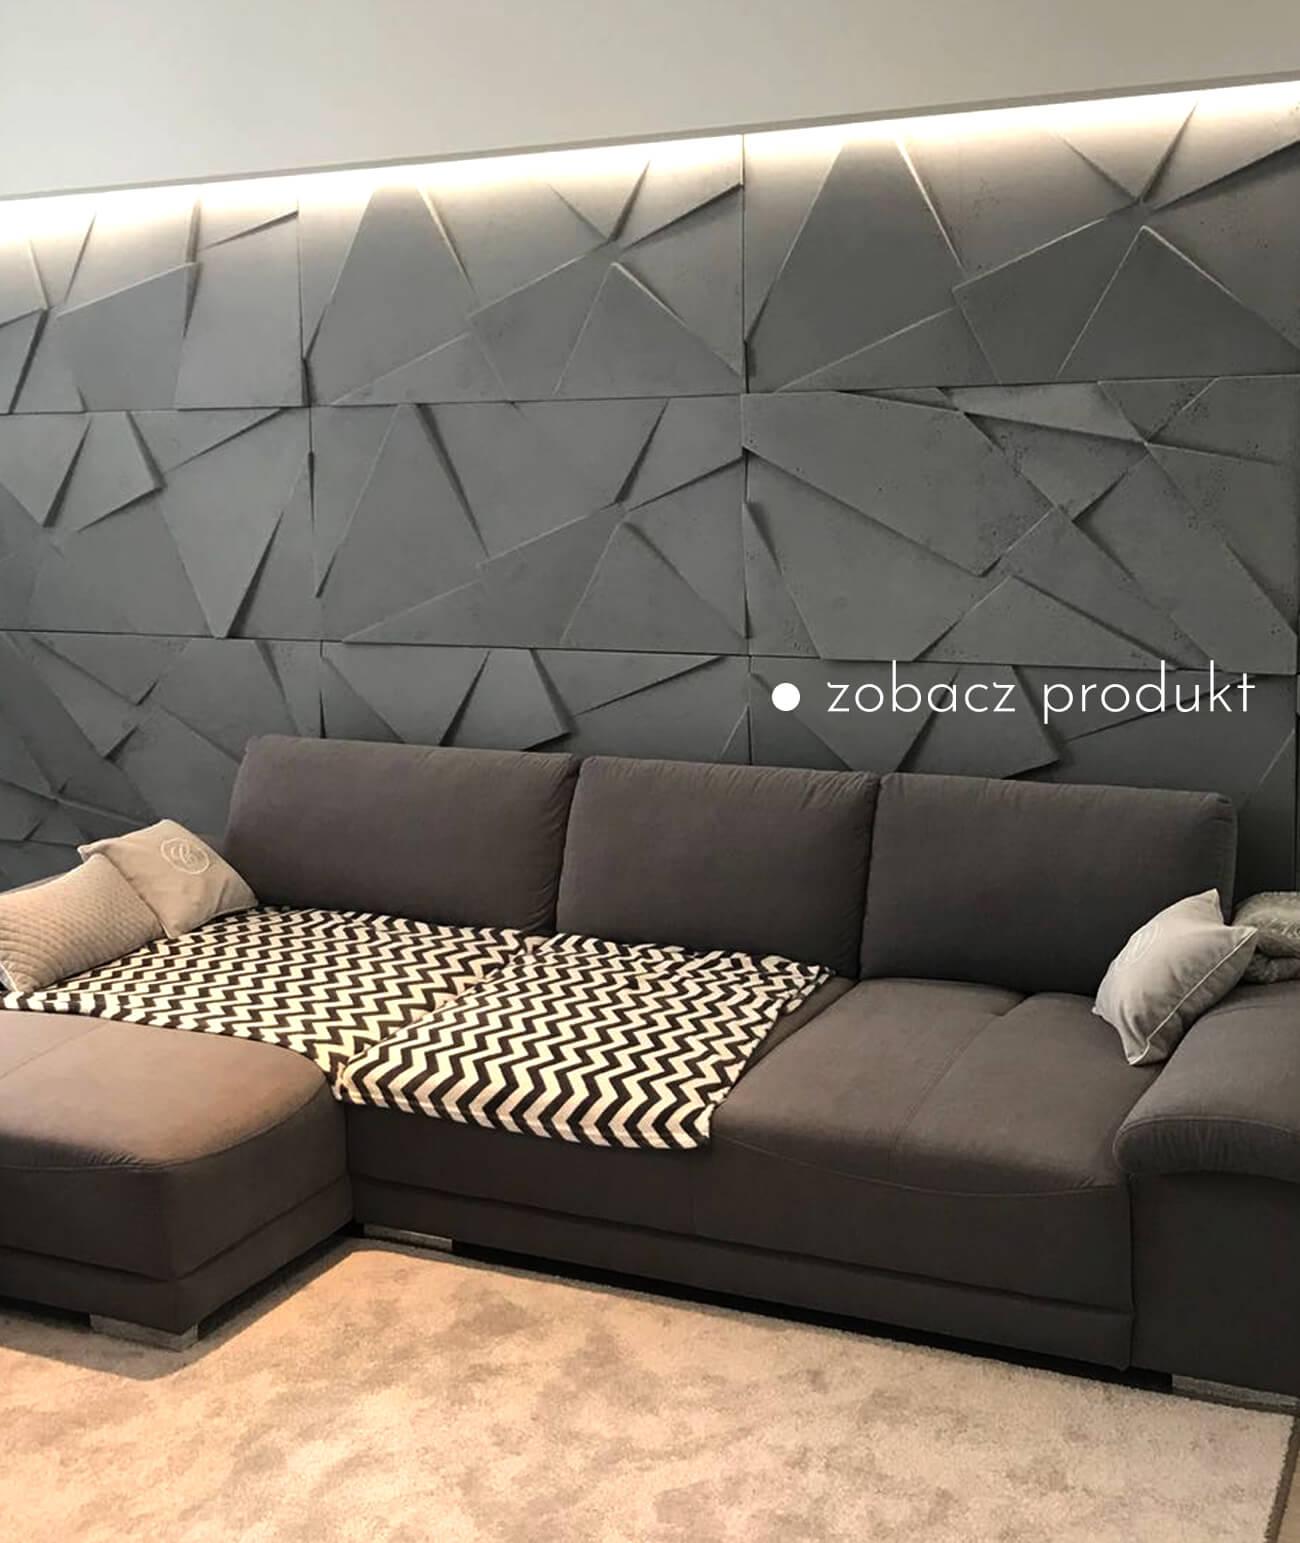 panele-betonowe-3d-scienne-i-elewacyjne-beton-architektoniczny_327-1756-pb05-b8-antracyt-krysztal---panel-dekor-3d-beton-architektoniczny-panel-scienny